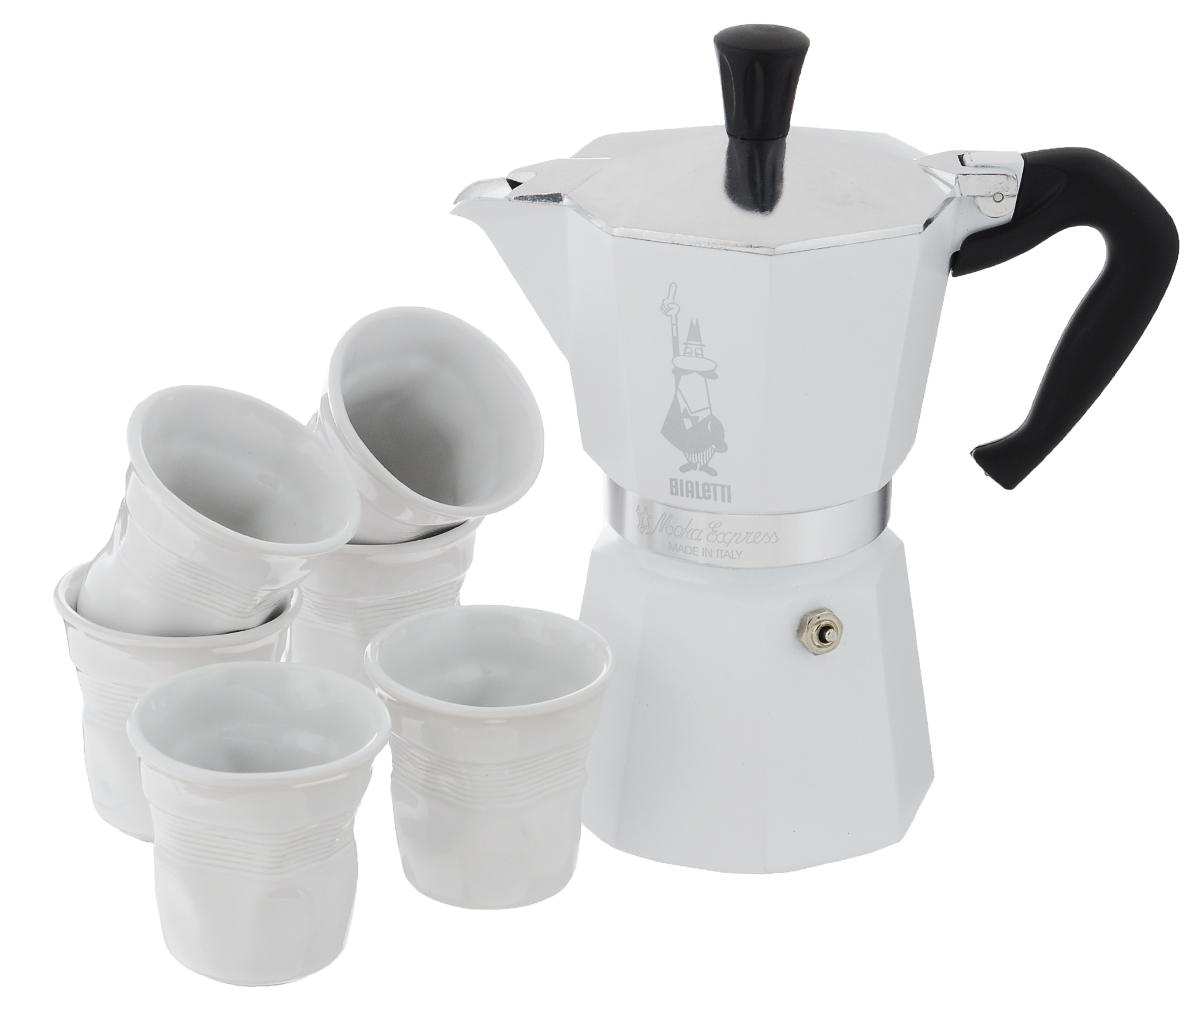 Набор посуды Bialetti Moka, цвет: белый, 7 предметов4030Набор посуды Bialetti Moka включает в себя гейзерную кофеварку и 6 чашек для кофе. Компактная гейзерная кофеварка изготовлена из высококачественного алюминия. Изделие оснащено удобной ручкой из пластика. Кофейные чашки выполнены из высококачественной керамики. Принцип работы такой гейзерной кофеварки - кофе заваривается путем многократного прохождения горячей воды или пара через слой молотого кофе. Удобство кофеварки в том, что вся кофейная гуща остается во внутренней емкости. Гейзерные кофеварки пользуются большой популярностью благодаря изысканному аромату. Кофе получается крепкий и насыщенный. Теперь и дома вы сможете насладиться великолепным эспрессо. Подходит для газовых, электрических и стеклокерамических плит. Нельзя мыть в посудомоечной машине. Высота кофеварки: 22 см. Диаметр дна кофеварки: 10 см. Диаметр чашек по верхнему краю: 6,5 см. Диаметр дна чашек: 3,7 см. Высота чашек: 6,4 см.